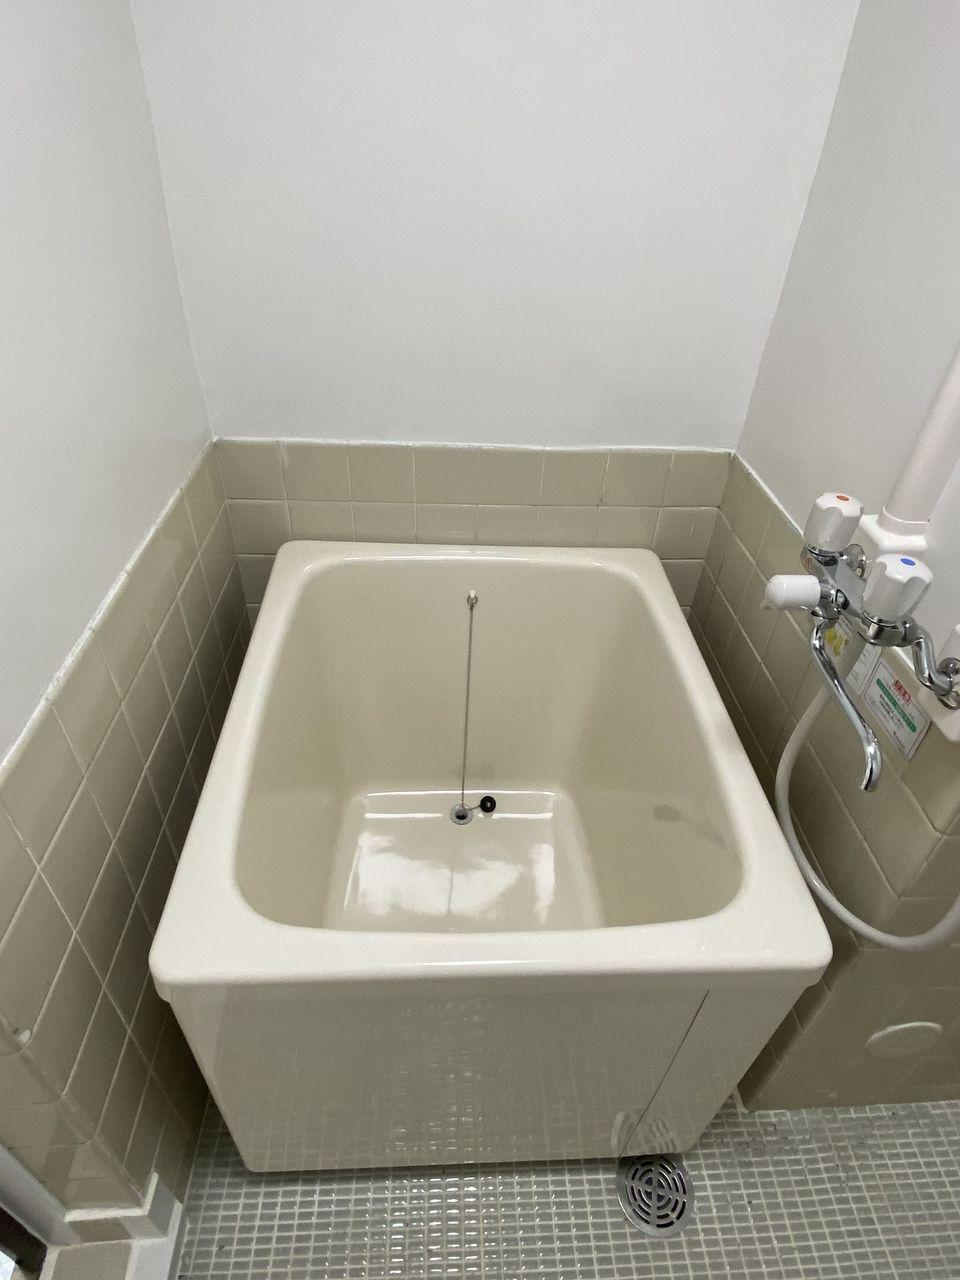 ハセガワハイツ バス・トイレ別のバスタプです